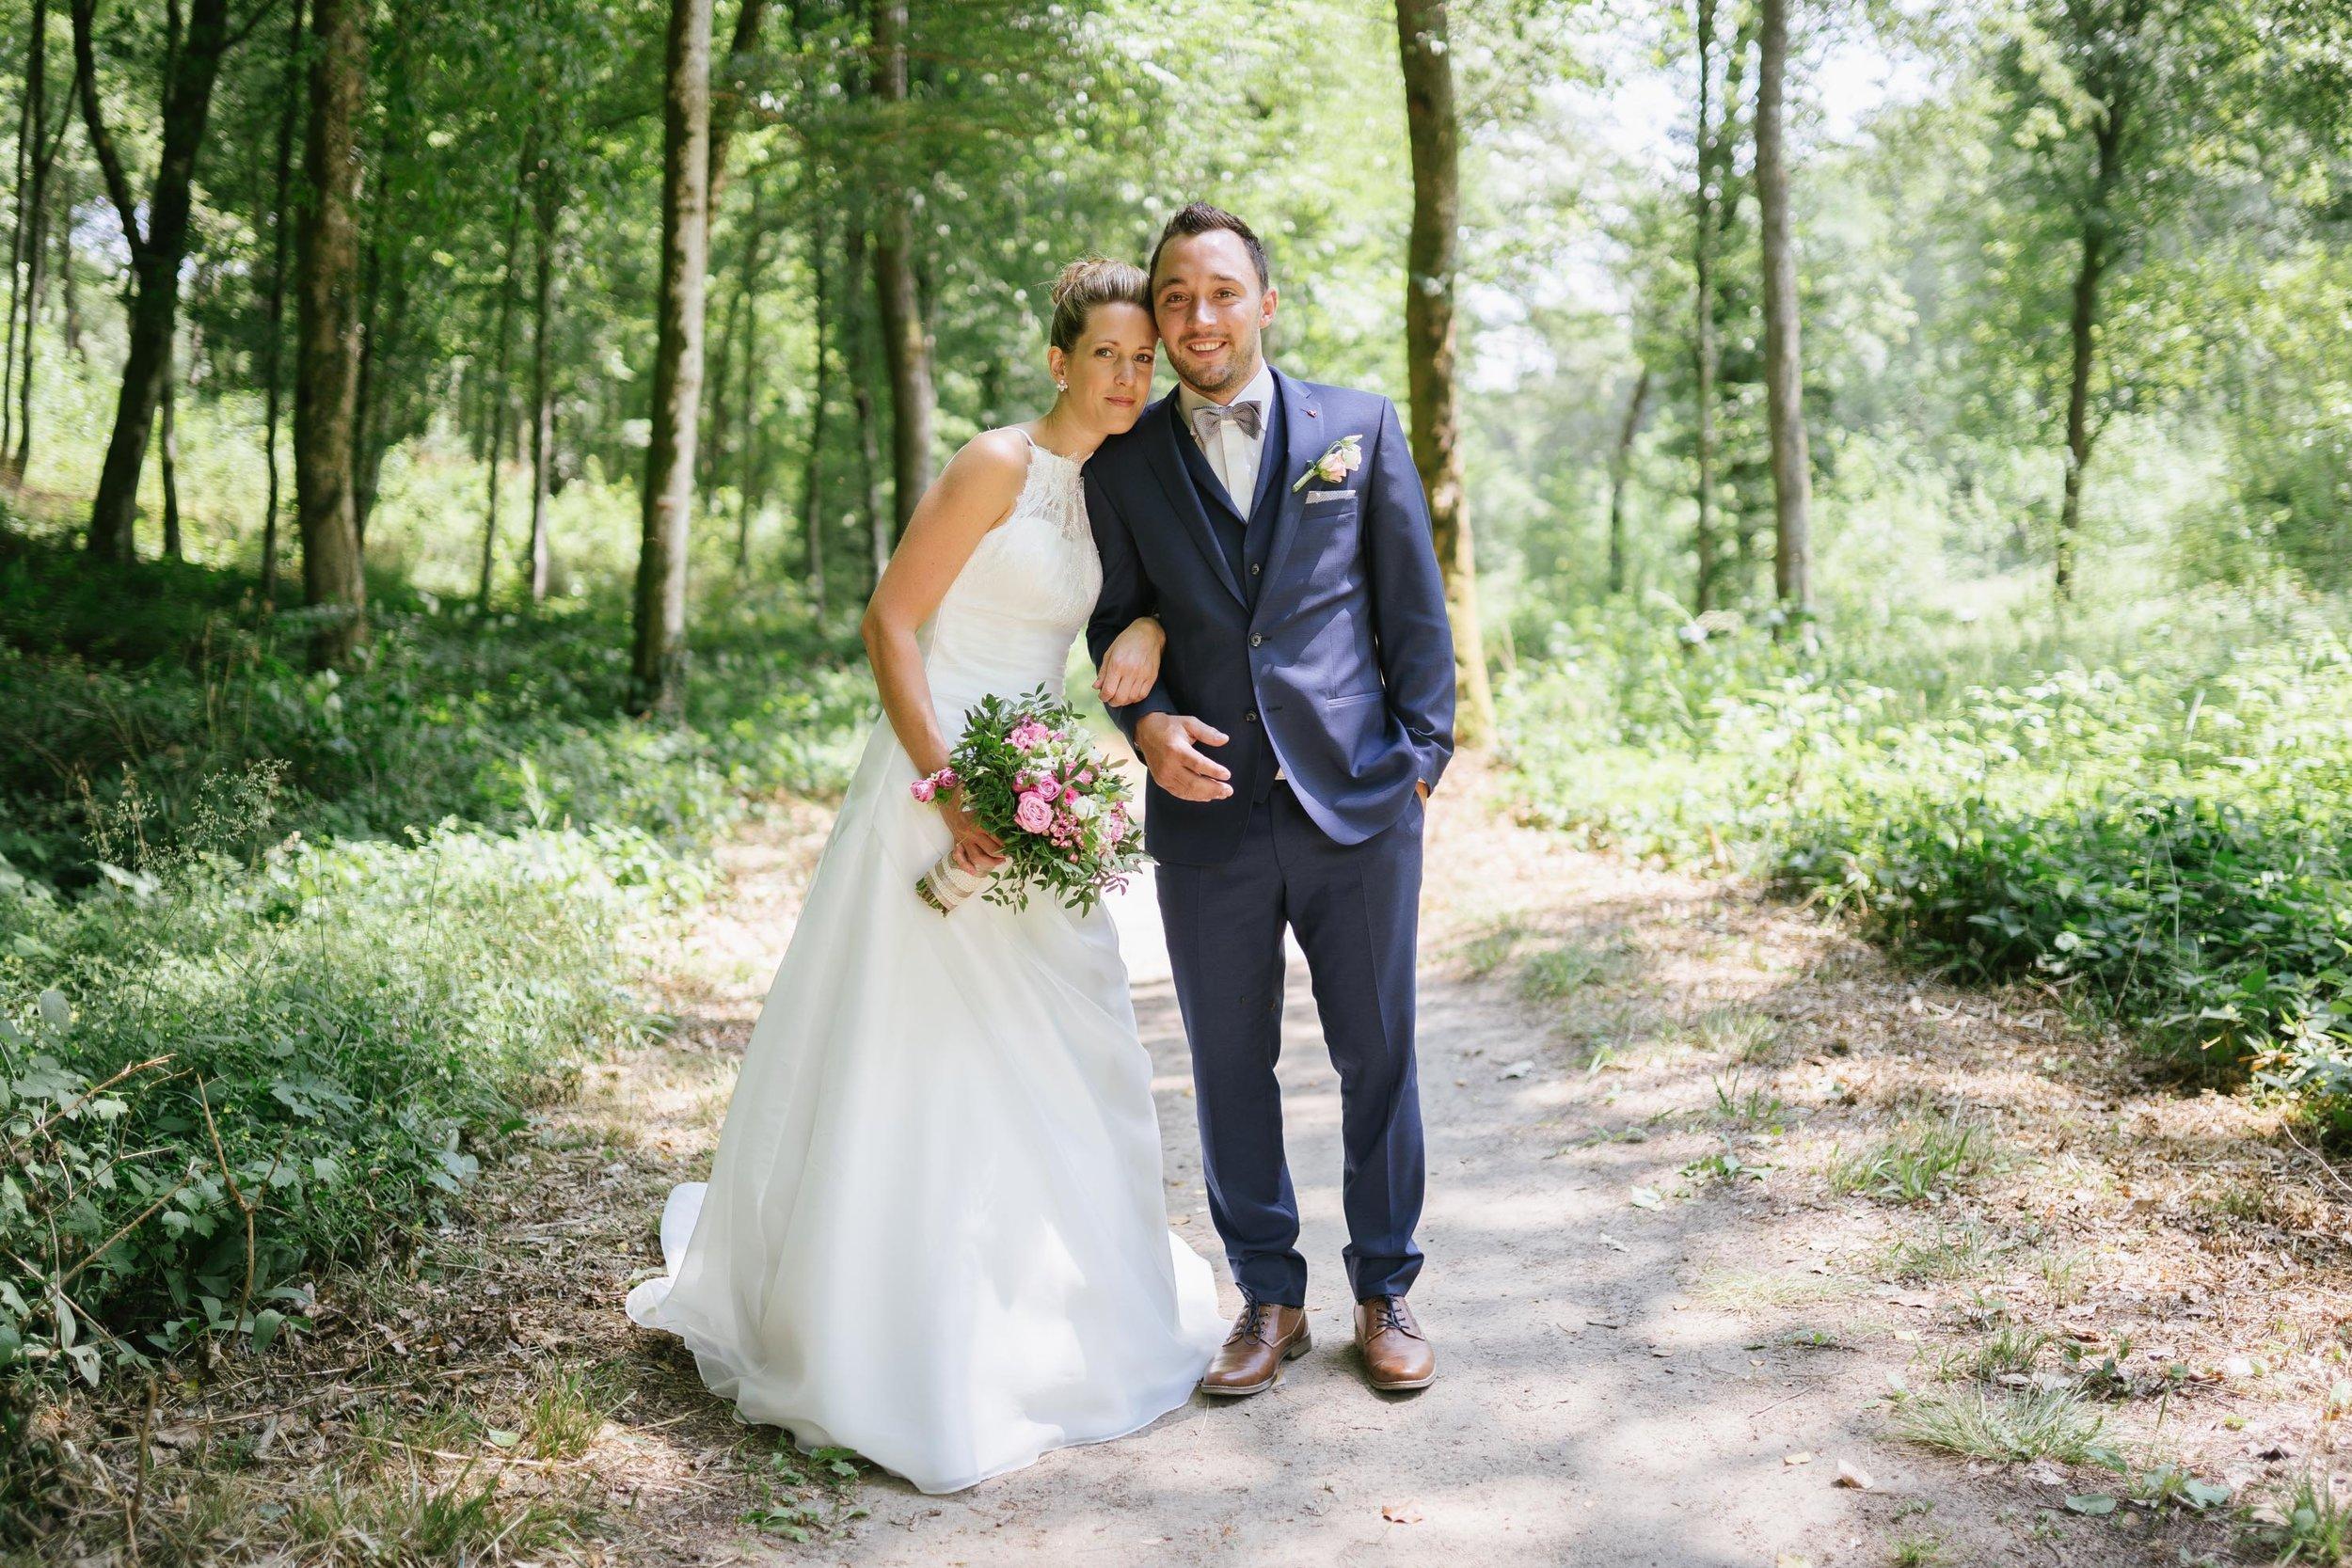 photographe-videaste-bruxelles-mariage-leleu-12.jpg